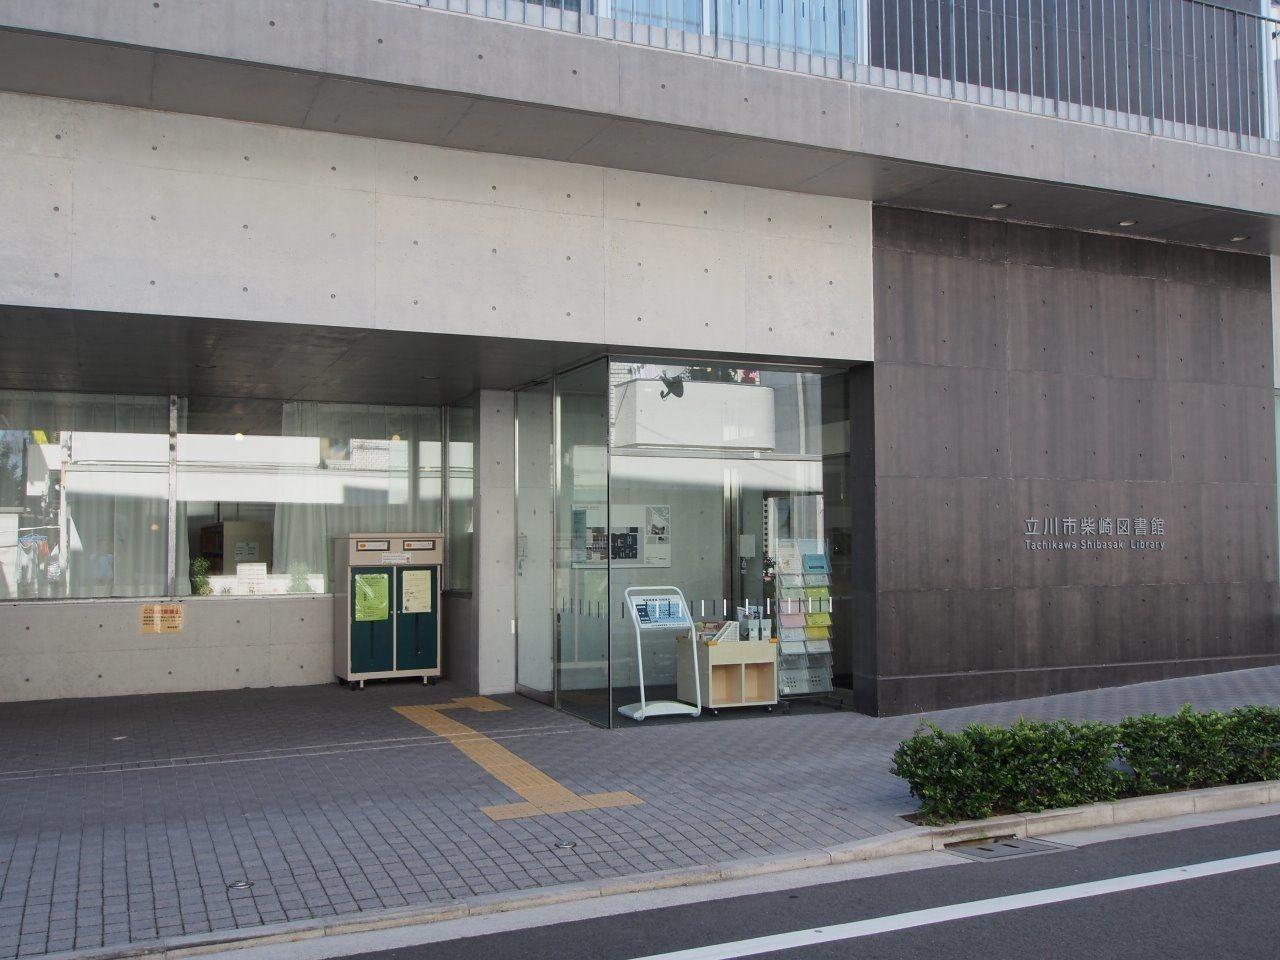 市立第一小学校と同じ建物内にある図書館